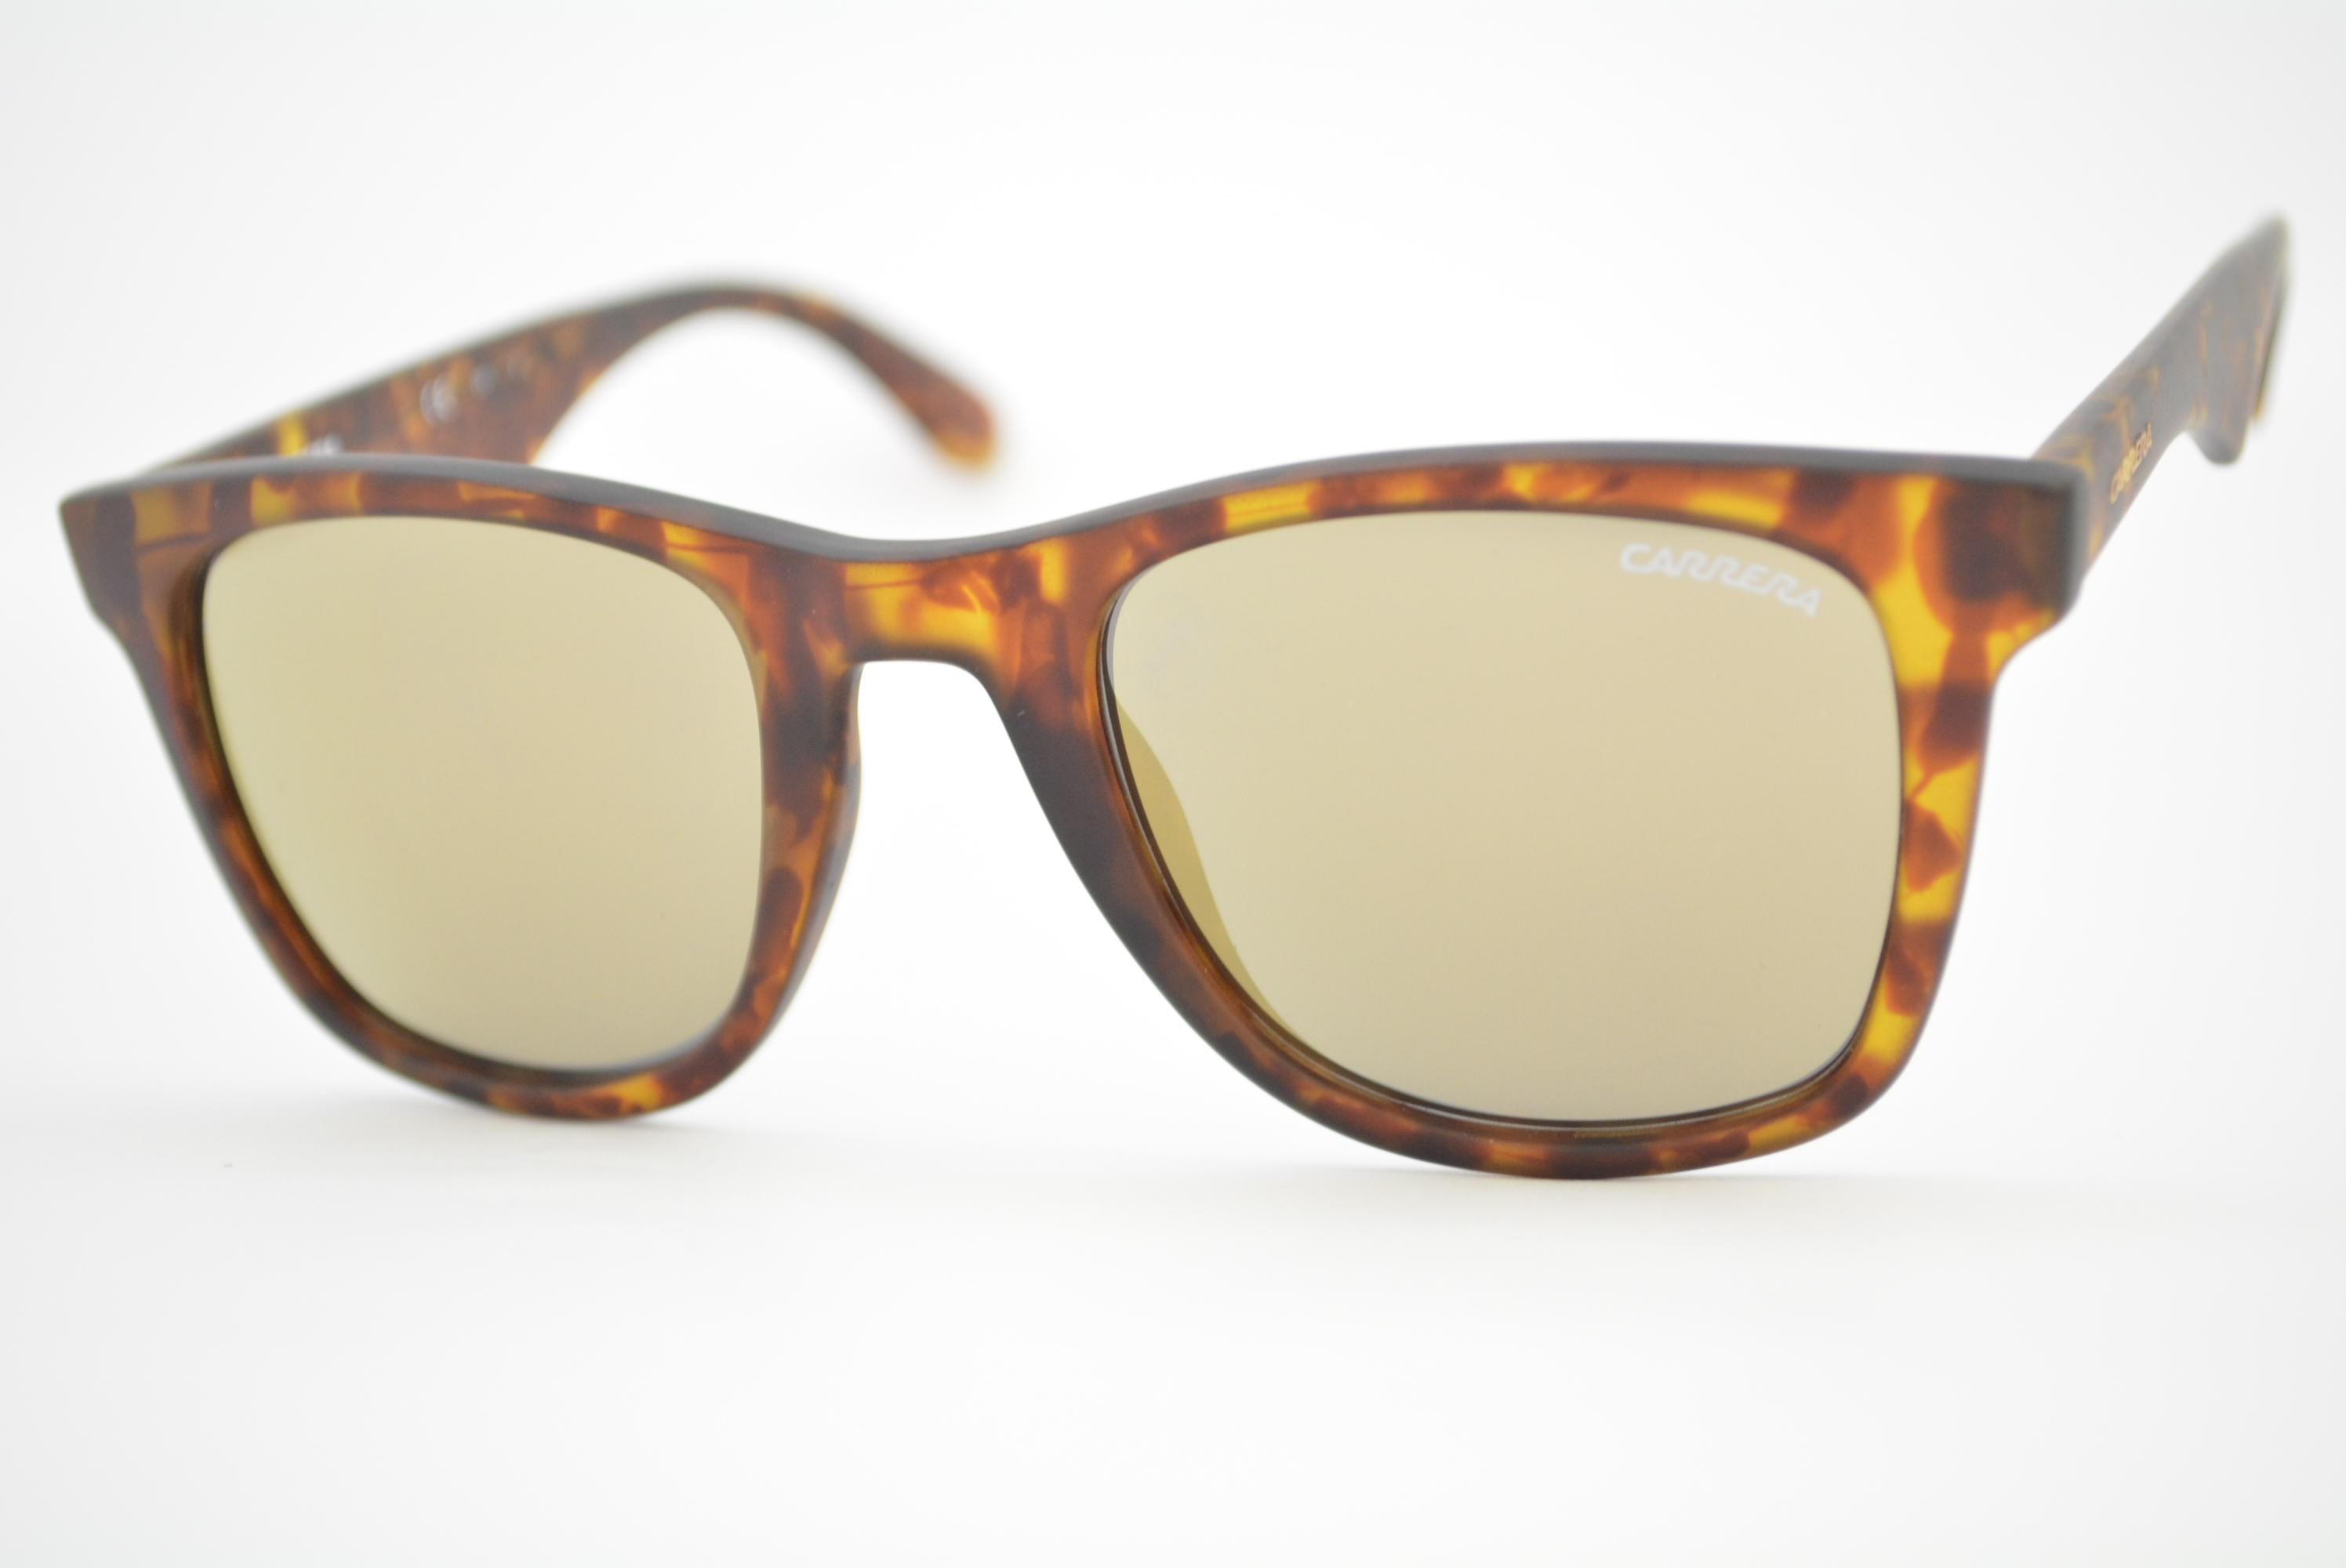 c71c61f392b55 óculos de sol Carrera mod Carrera 6000 L 853JO Ótica Cardoso